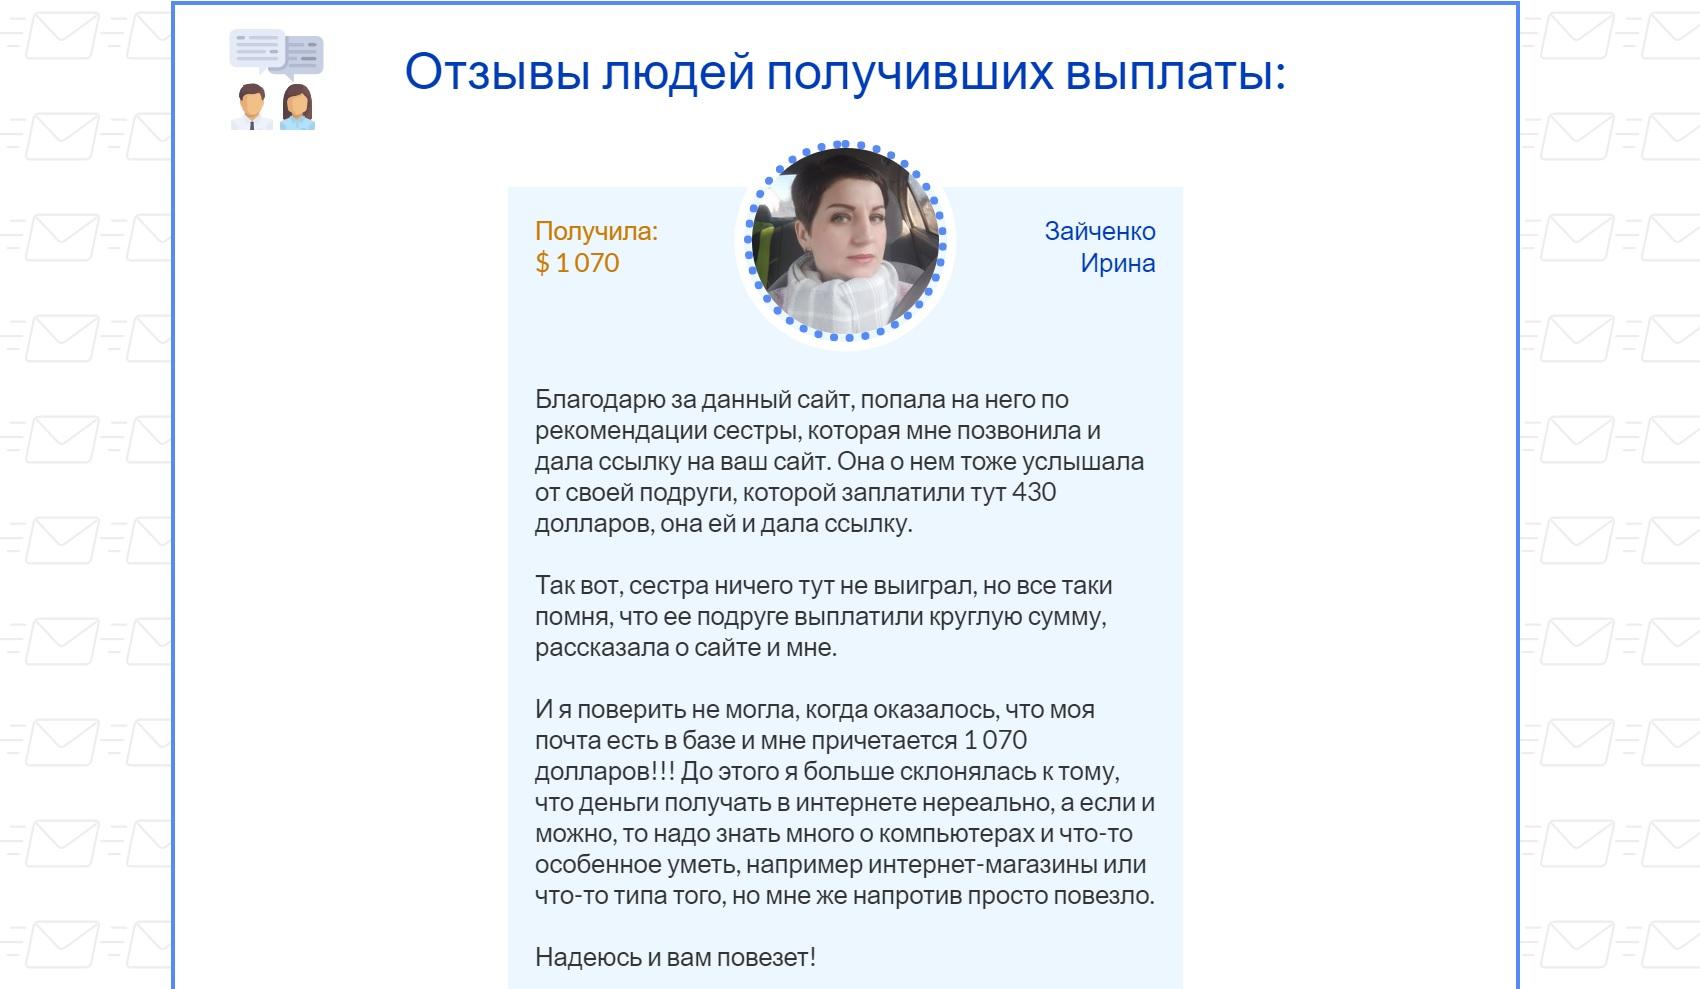 викторина Золотая Электронная Почта отзывы